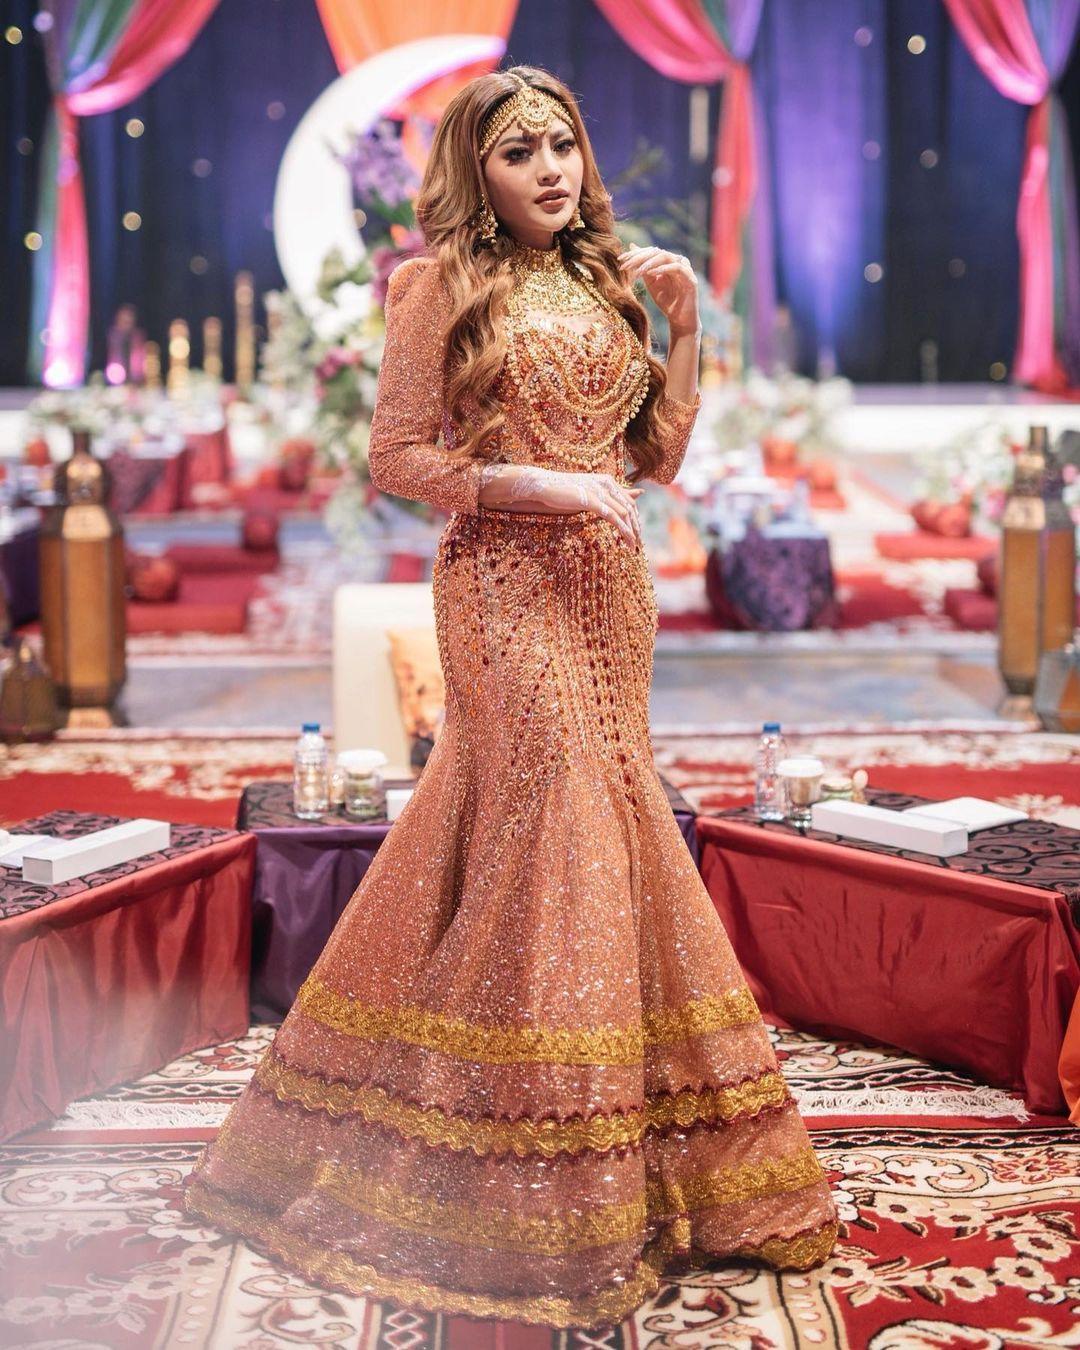 Gaya Aurel Hermansyah di Rangkaian Acara Pernikahan, Lamaran - Akad